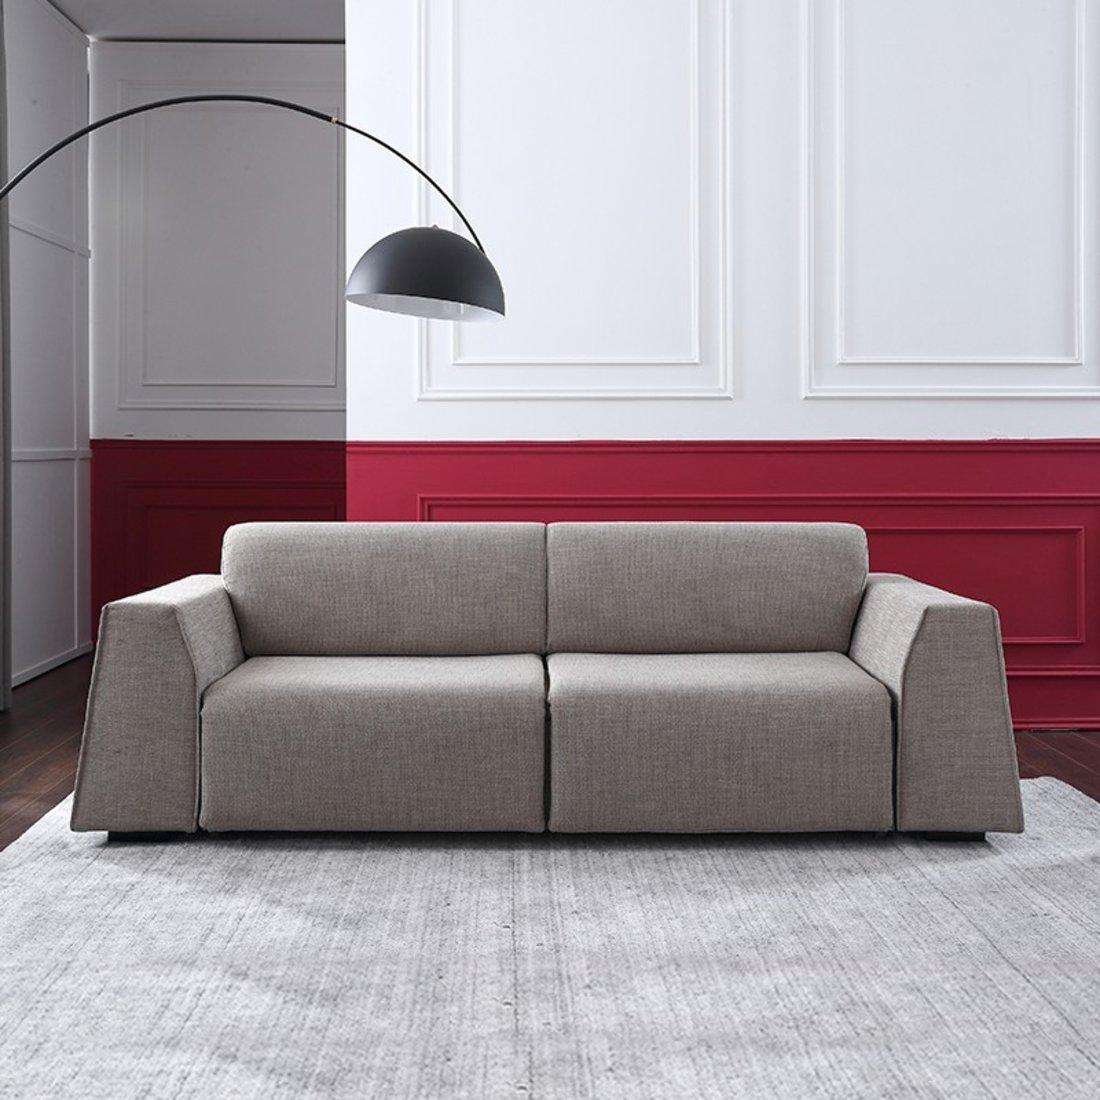 「折叠沙发」意式轻奢多功能沙发床